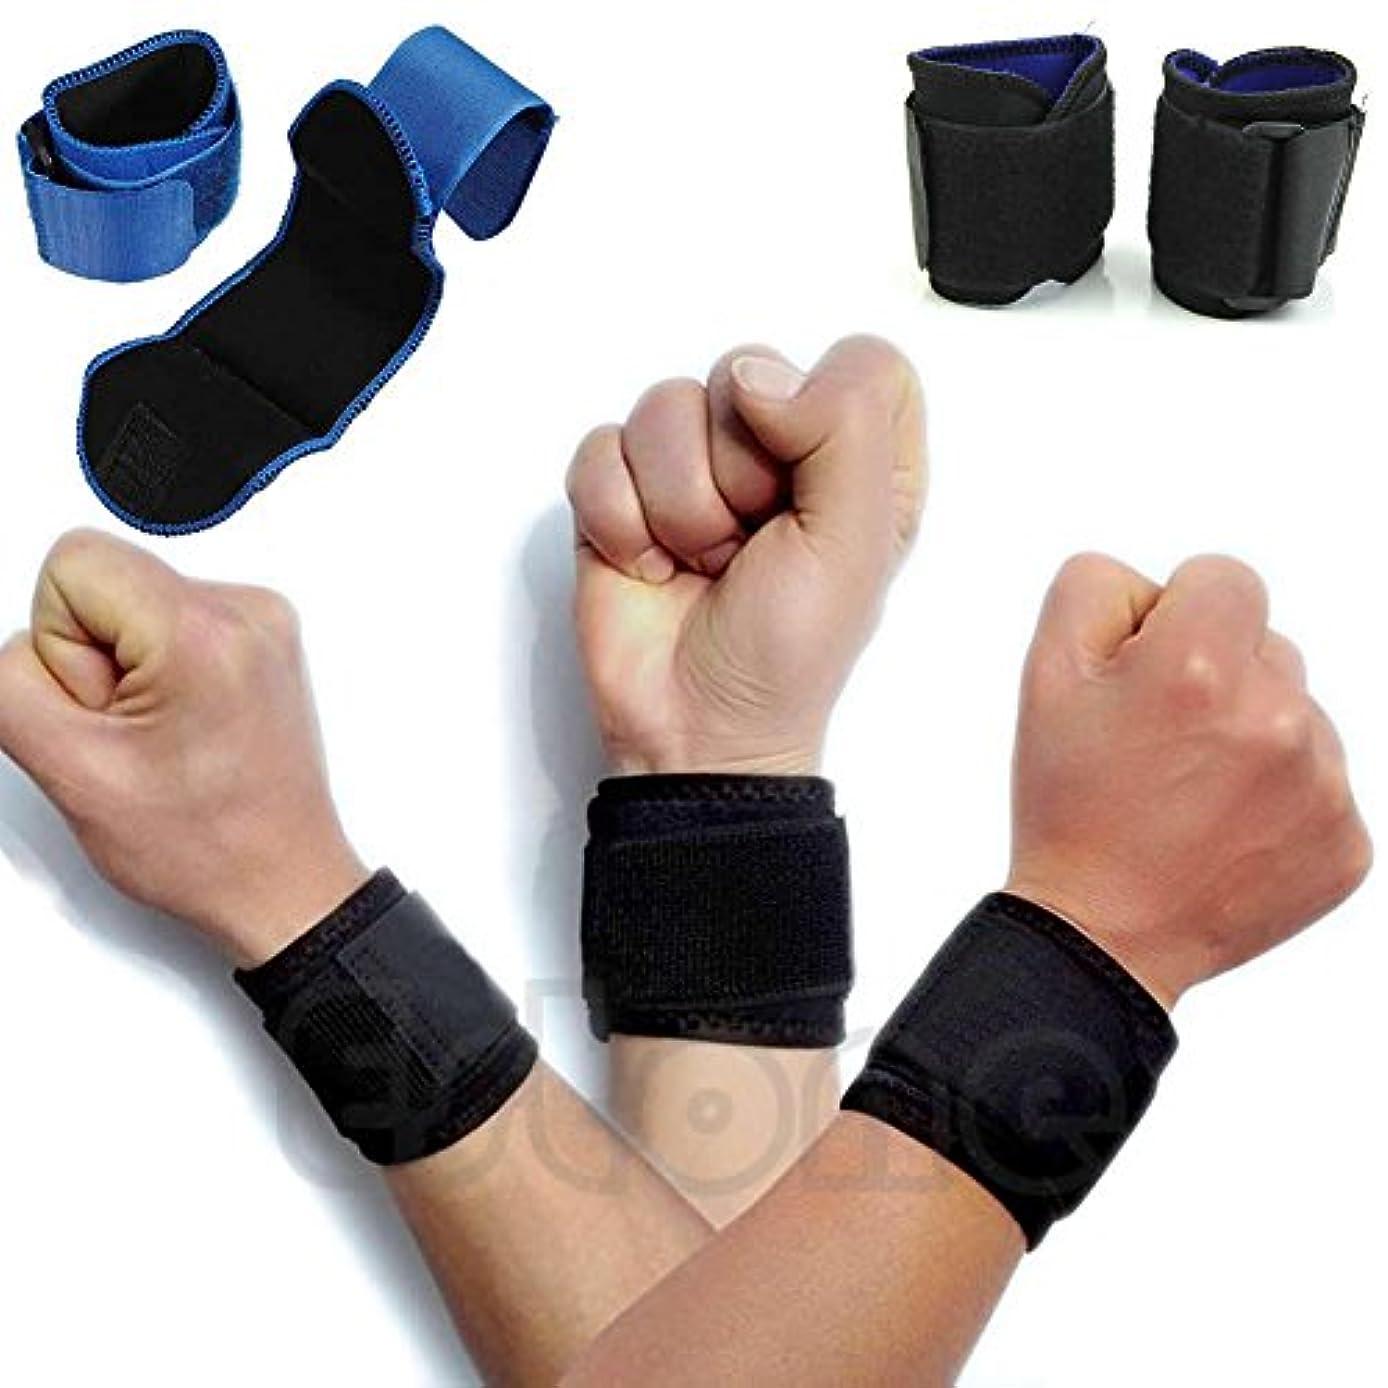 好意的トランペット自動化新 調節可 スポーツ用 手首 巻き付け 包帯 ジム支援 締付手首バンド 1カップル